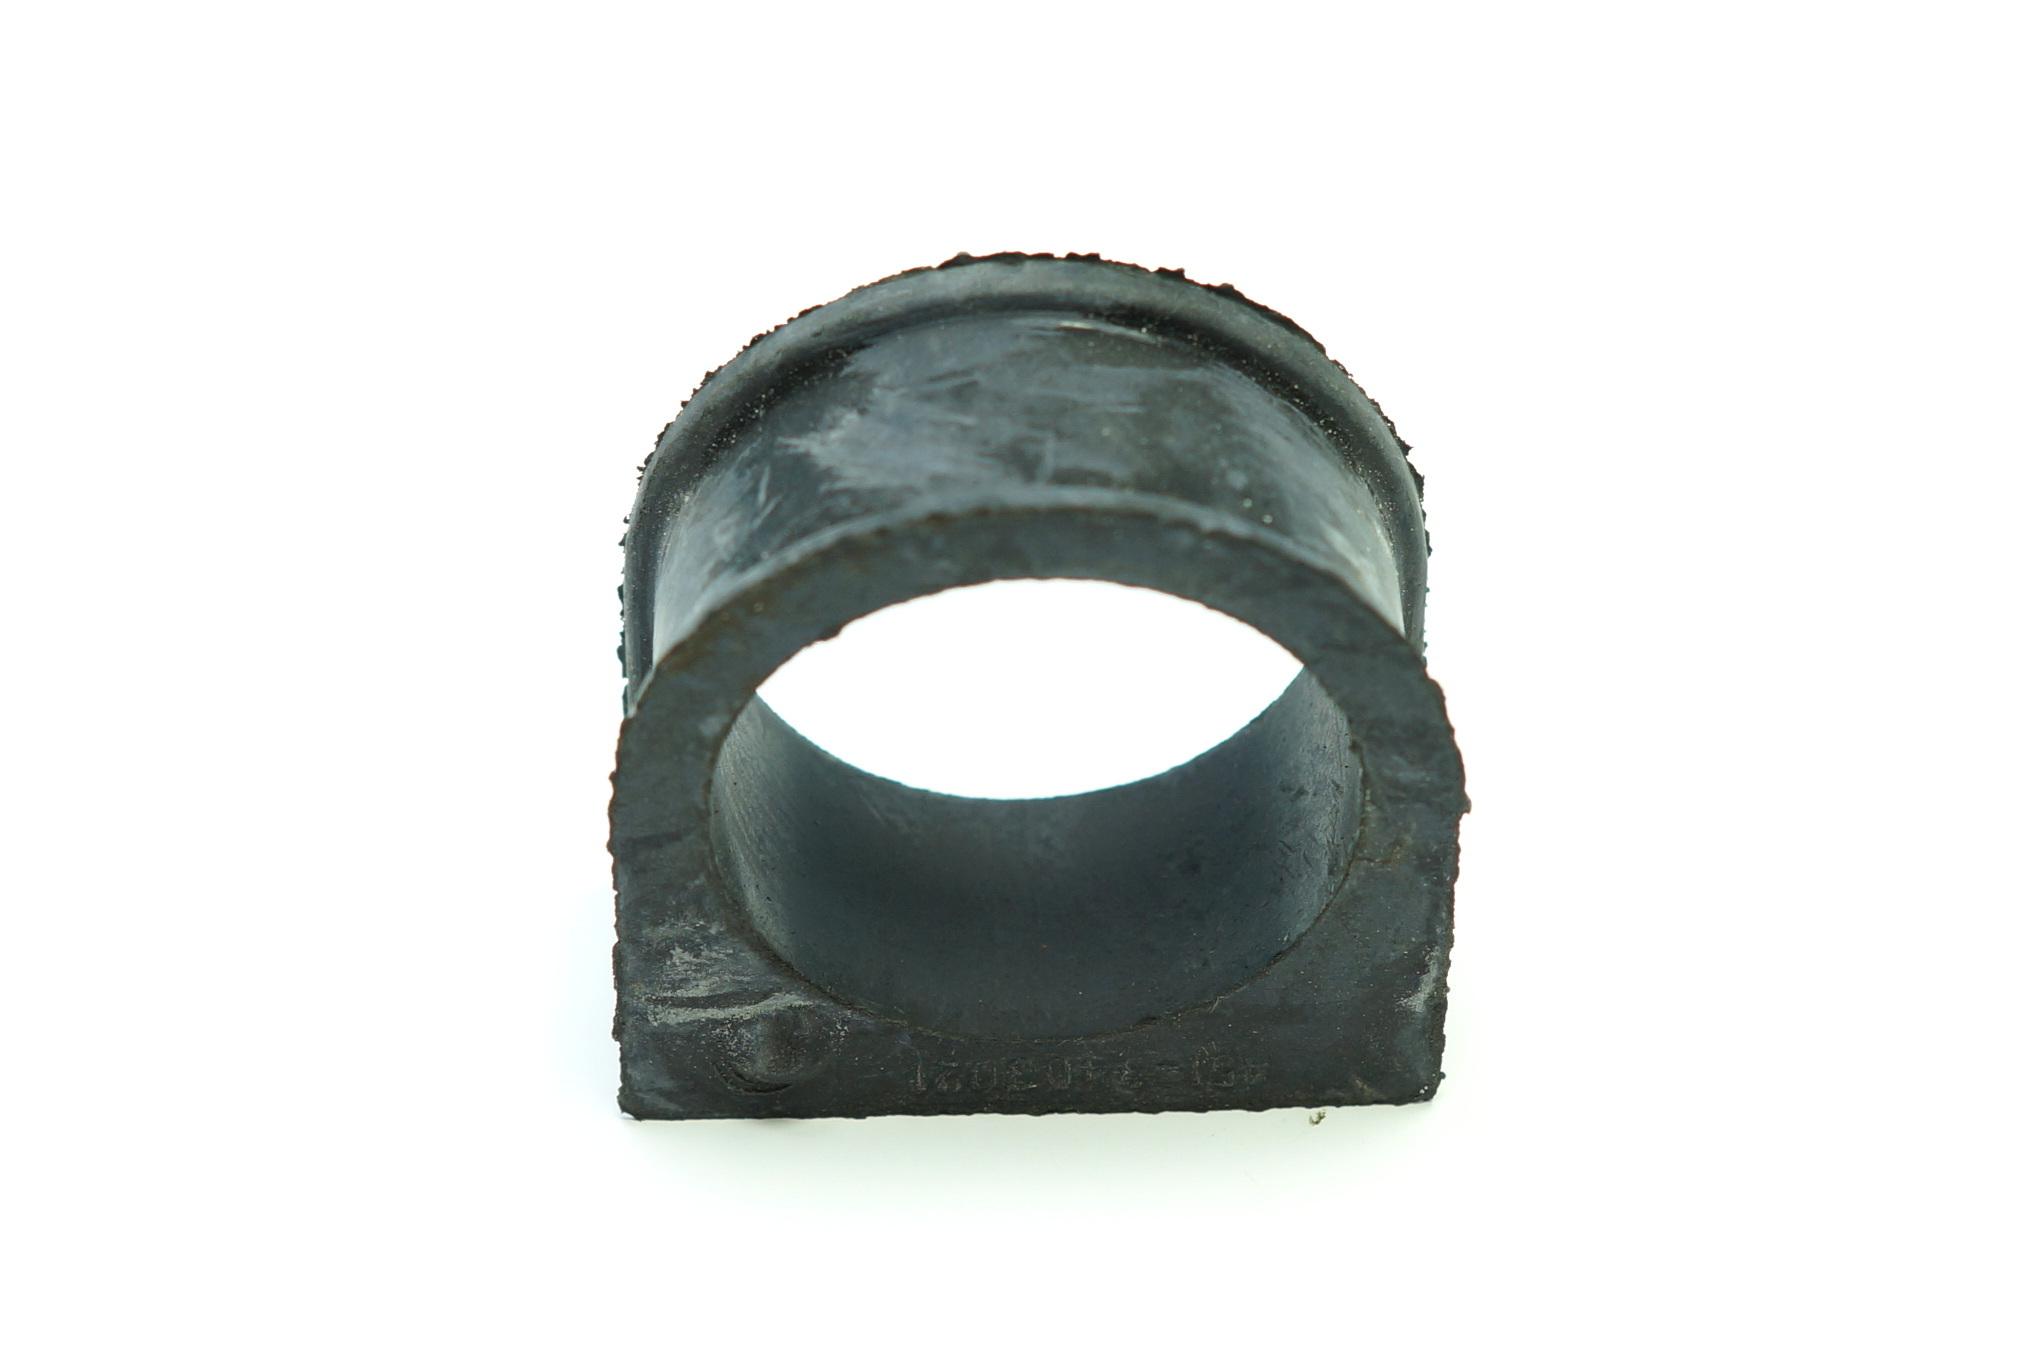 Втулка стремянки крепления колонки рулевого управления ГАЗ 12, 20